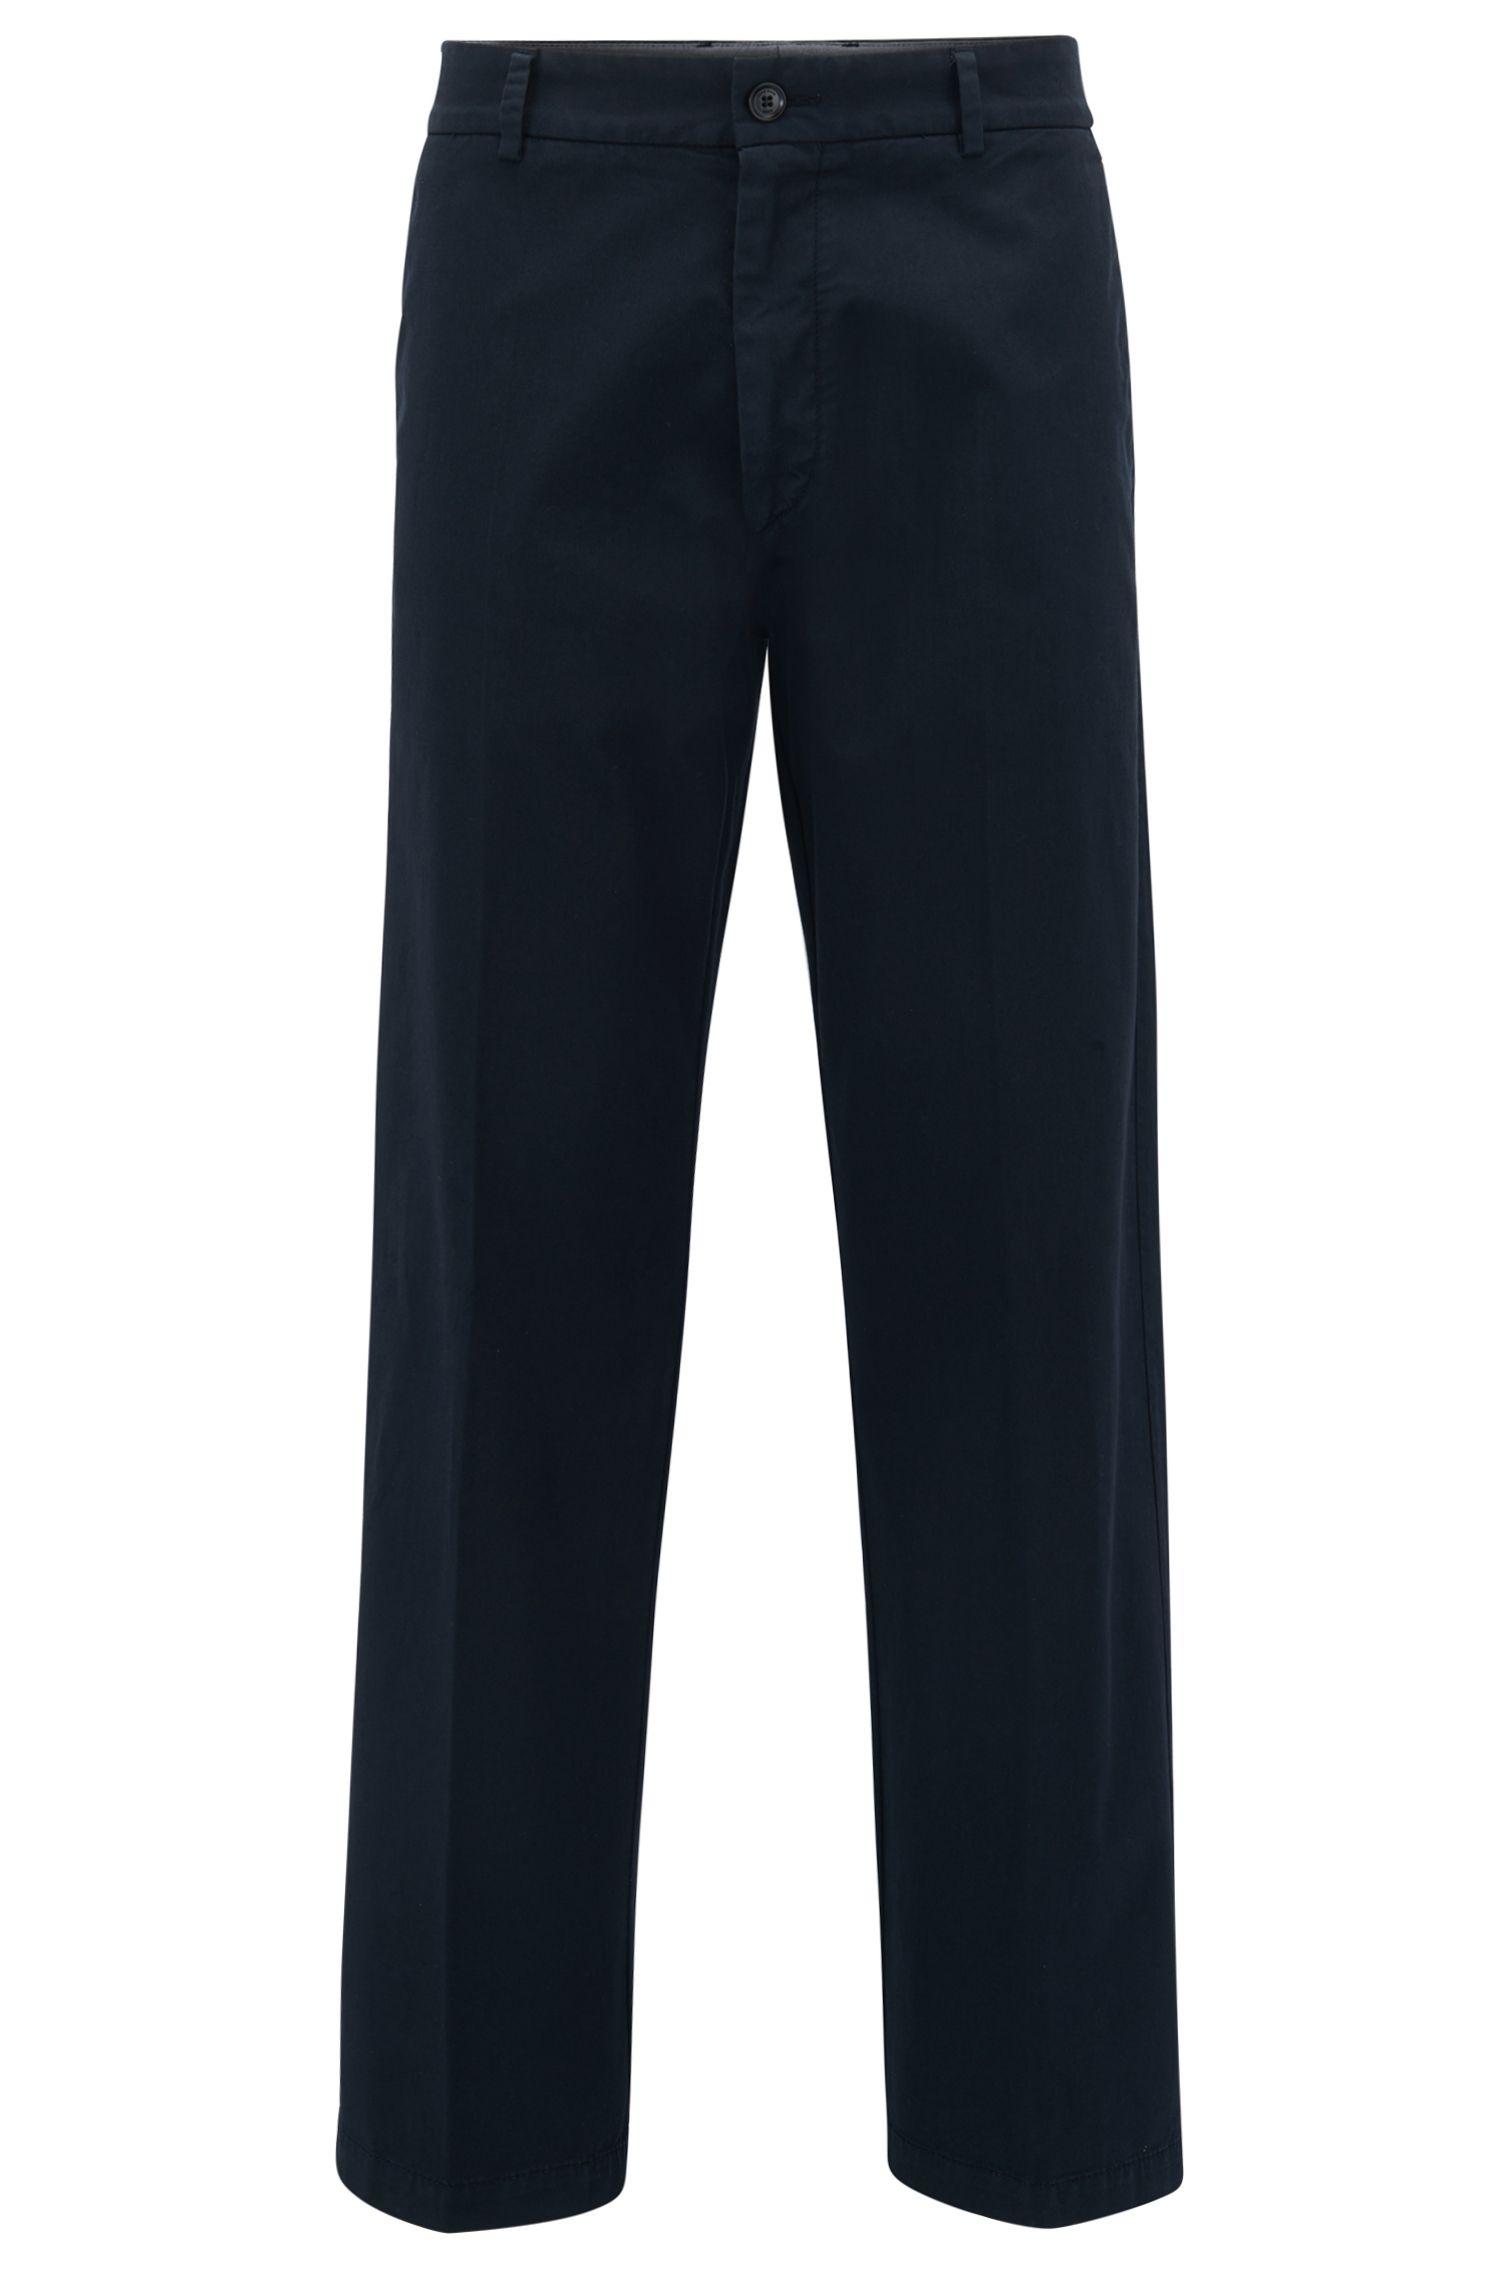 Pantalones relaxed fit en tejido de gabardina de algodón elástico con pierna holgada